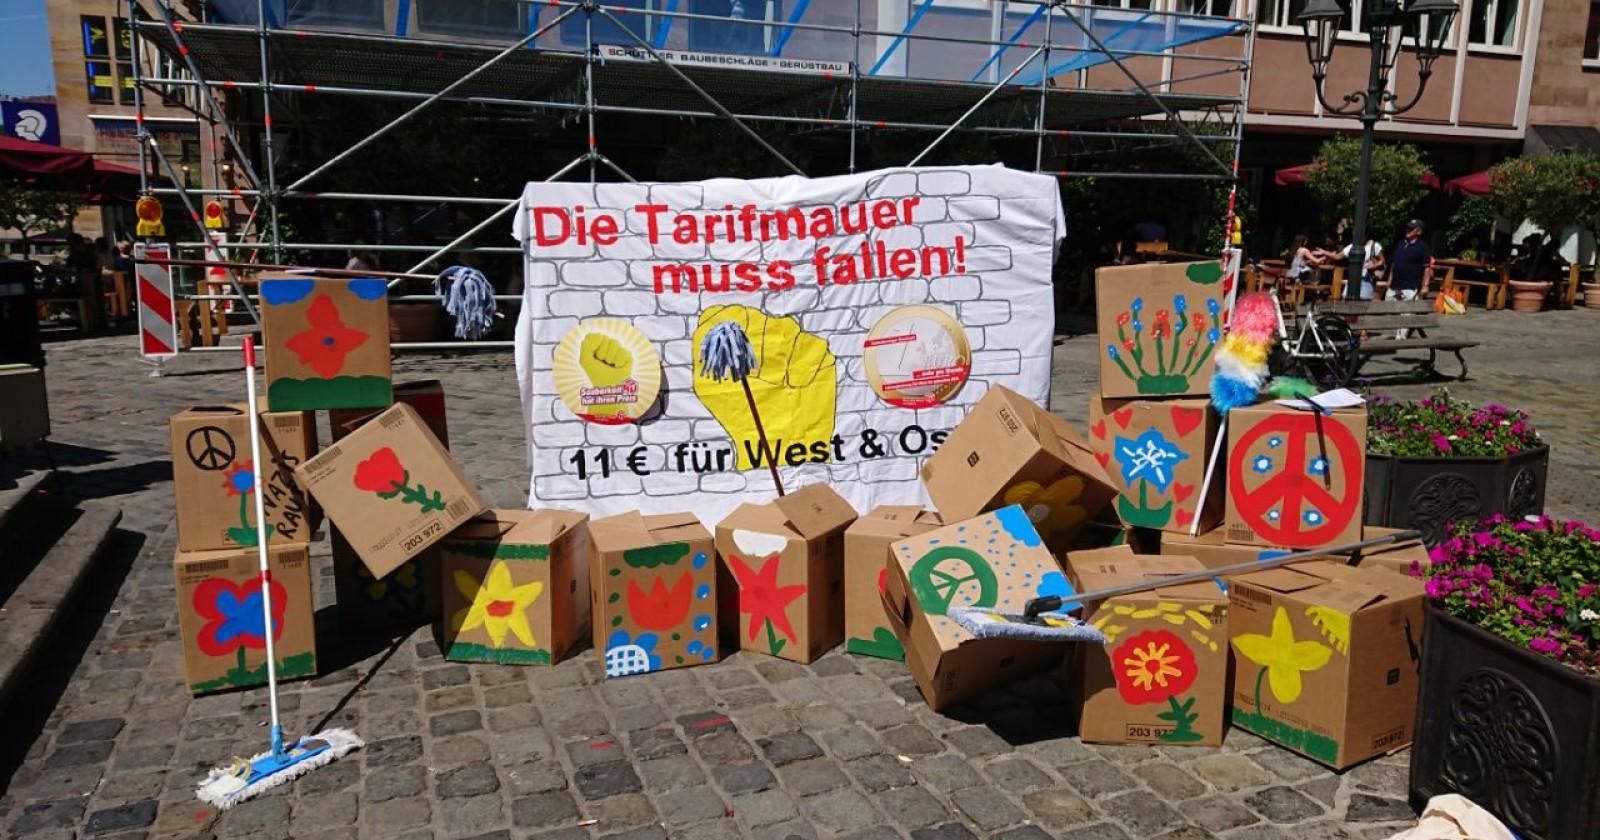 Der Tag der Gebäudereinigung in Mittelfranken